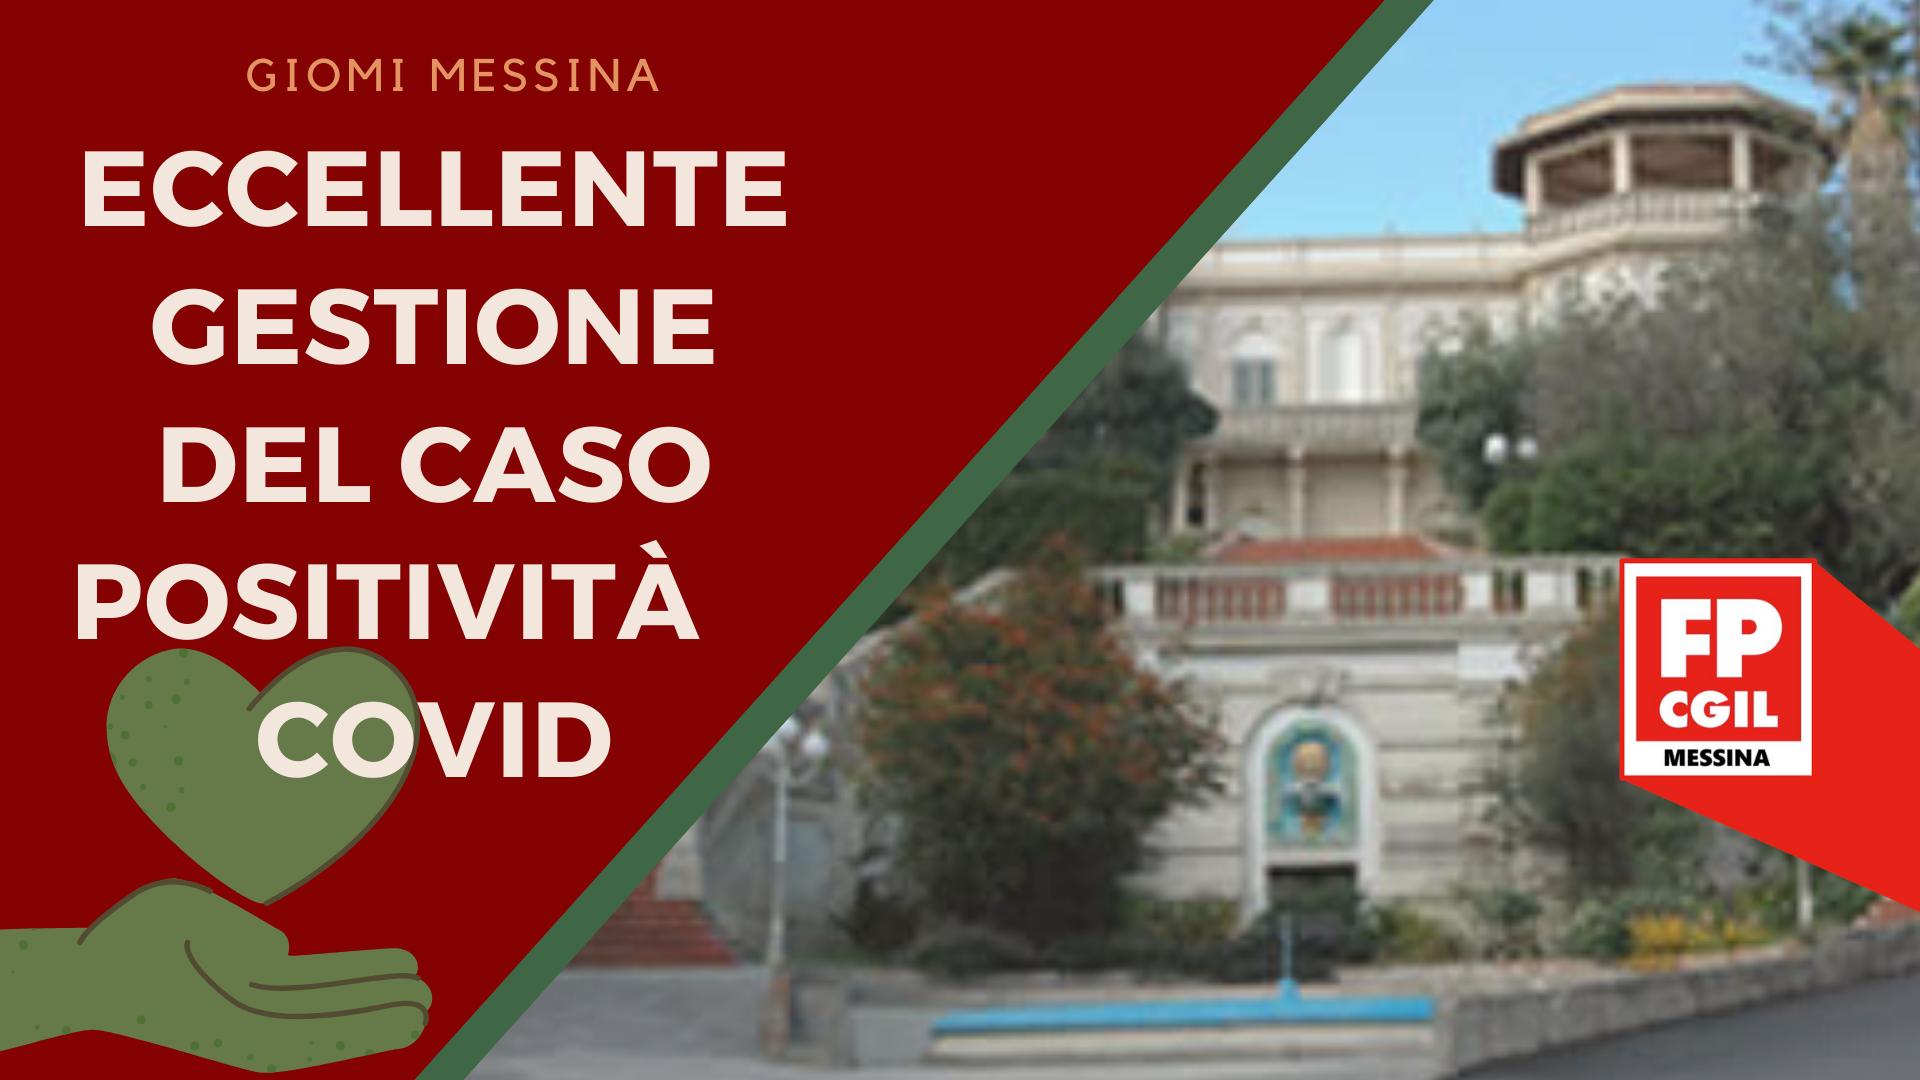 GIOMI Messina 04.05.2020 – eccellente gestione del caso Positività Covid